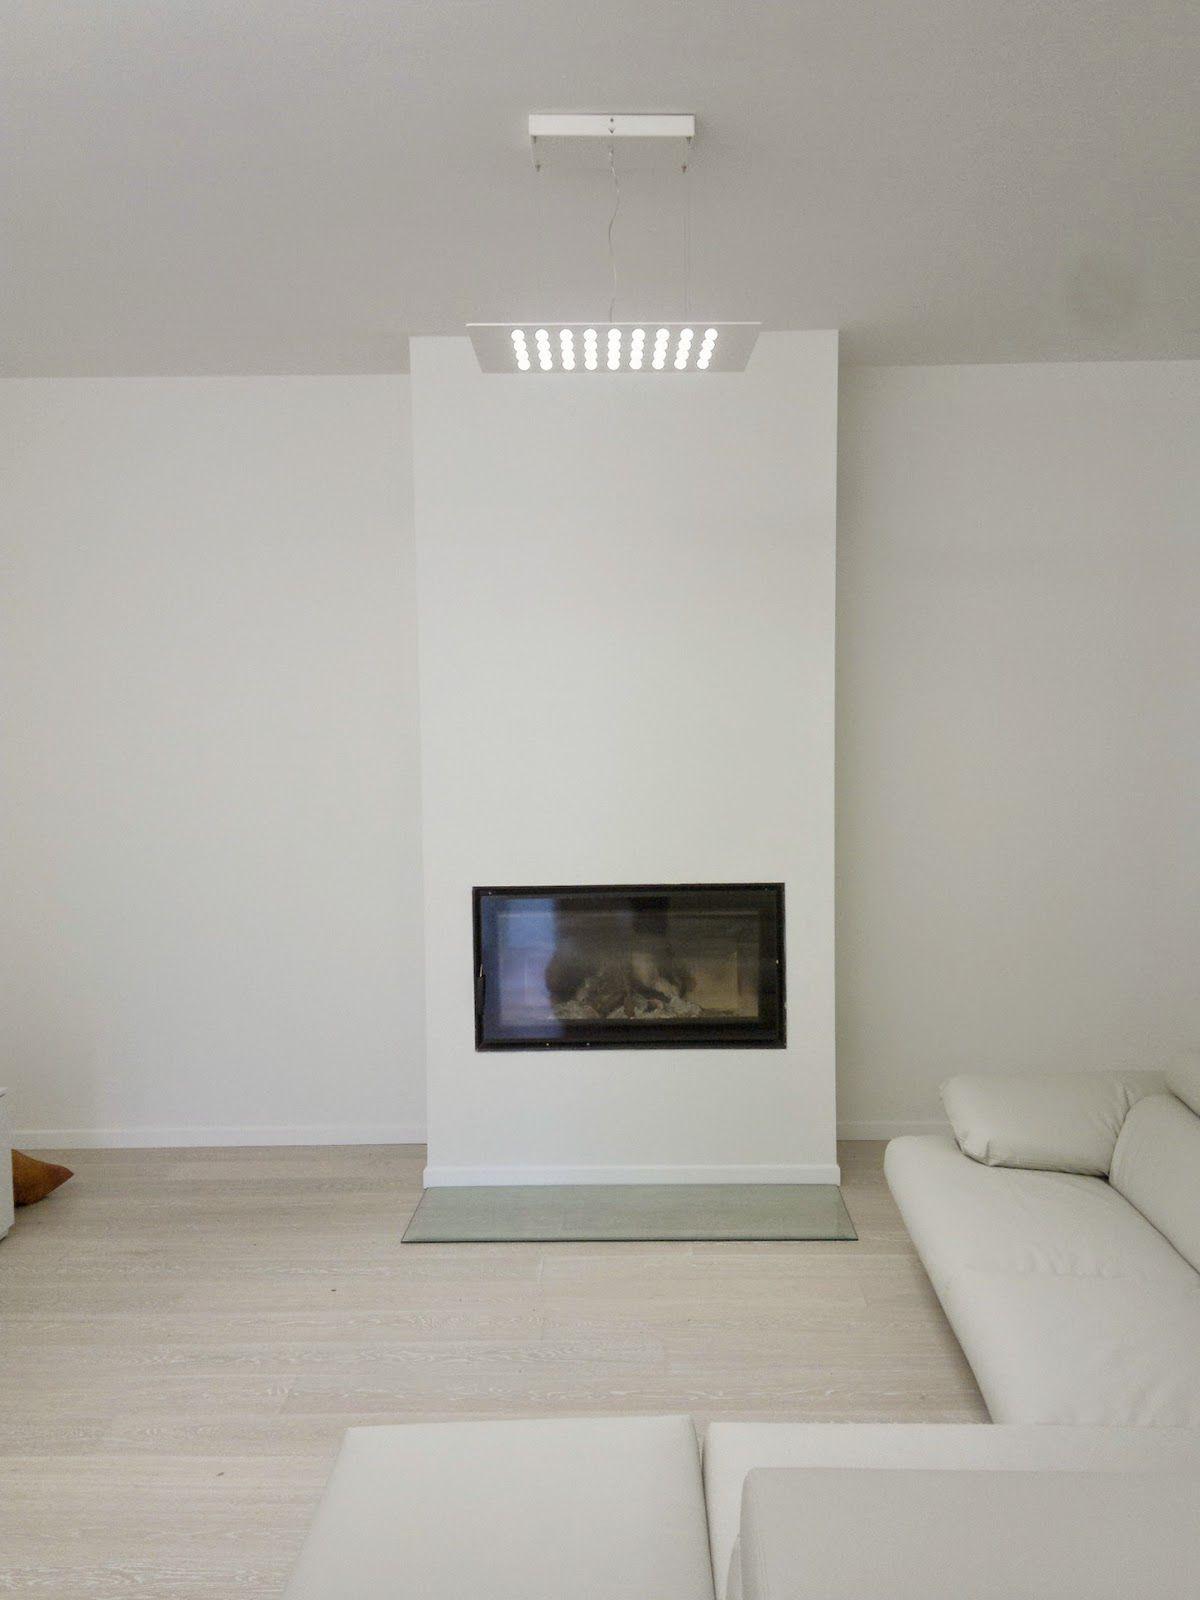 Illuminazione Led casa aprile 2015 Idee arredamento